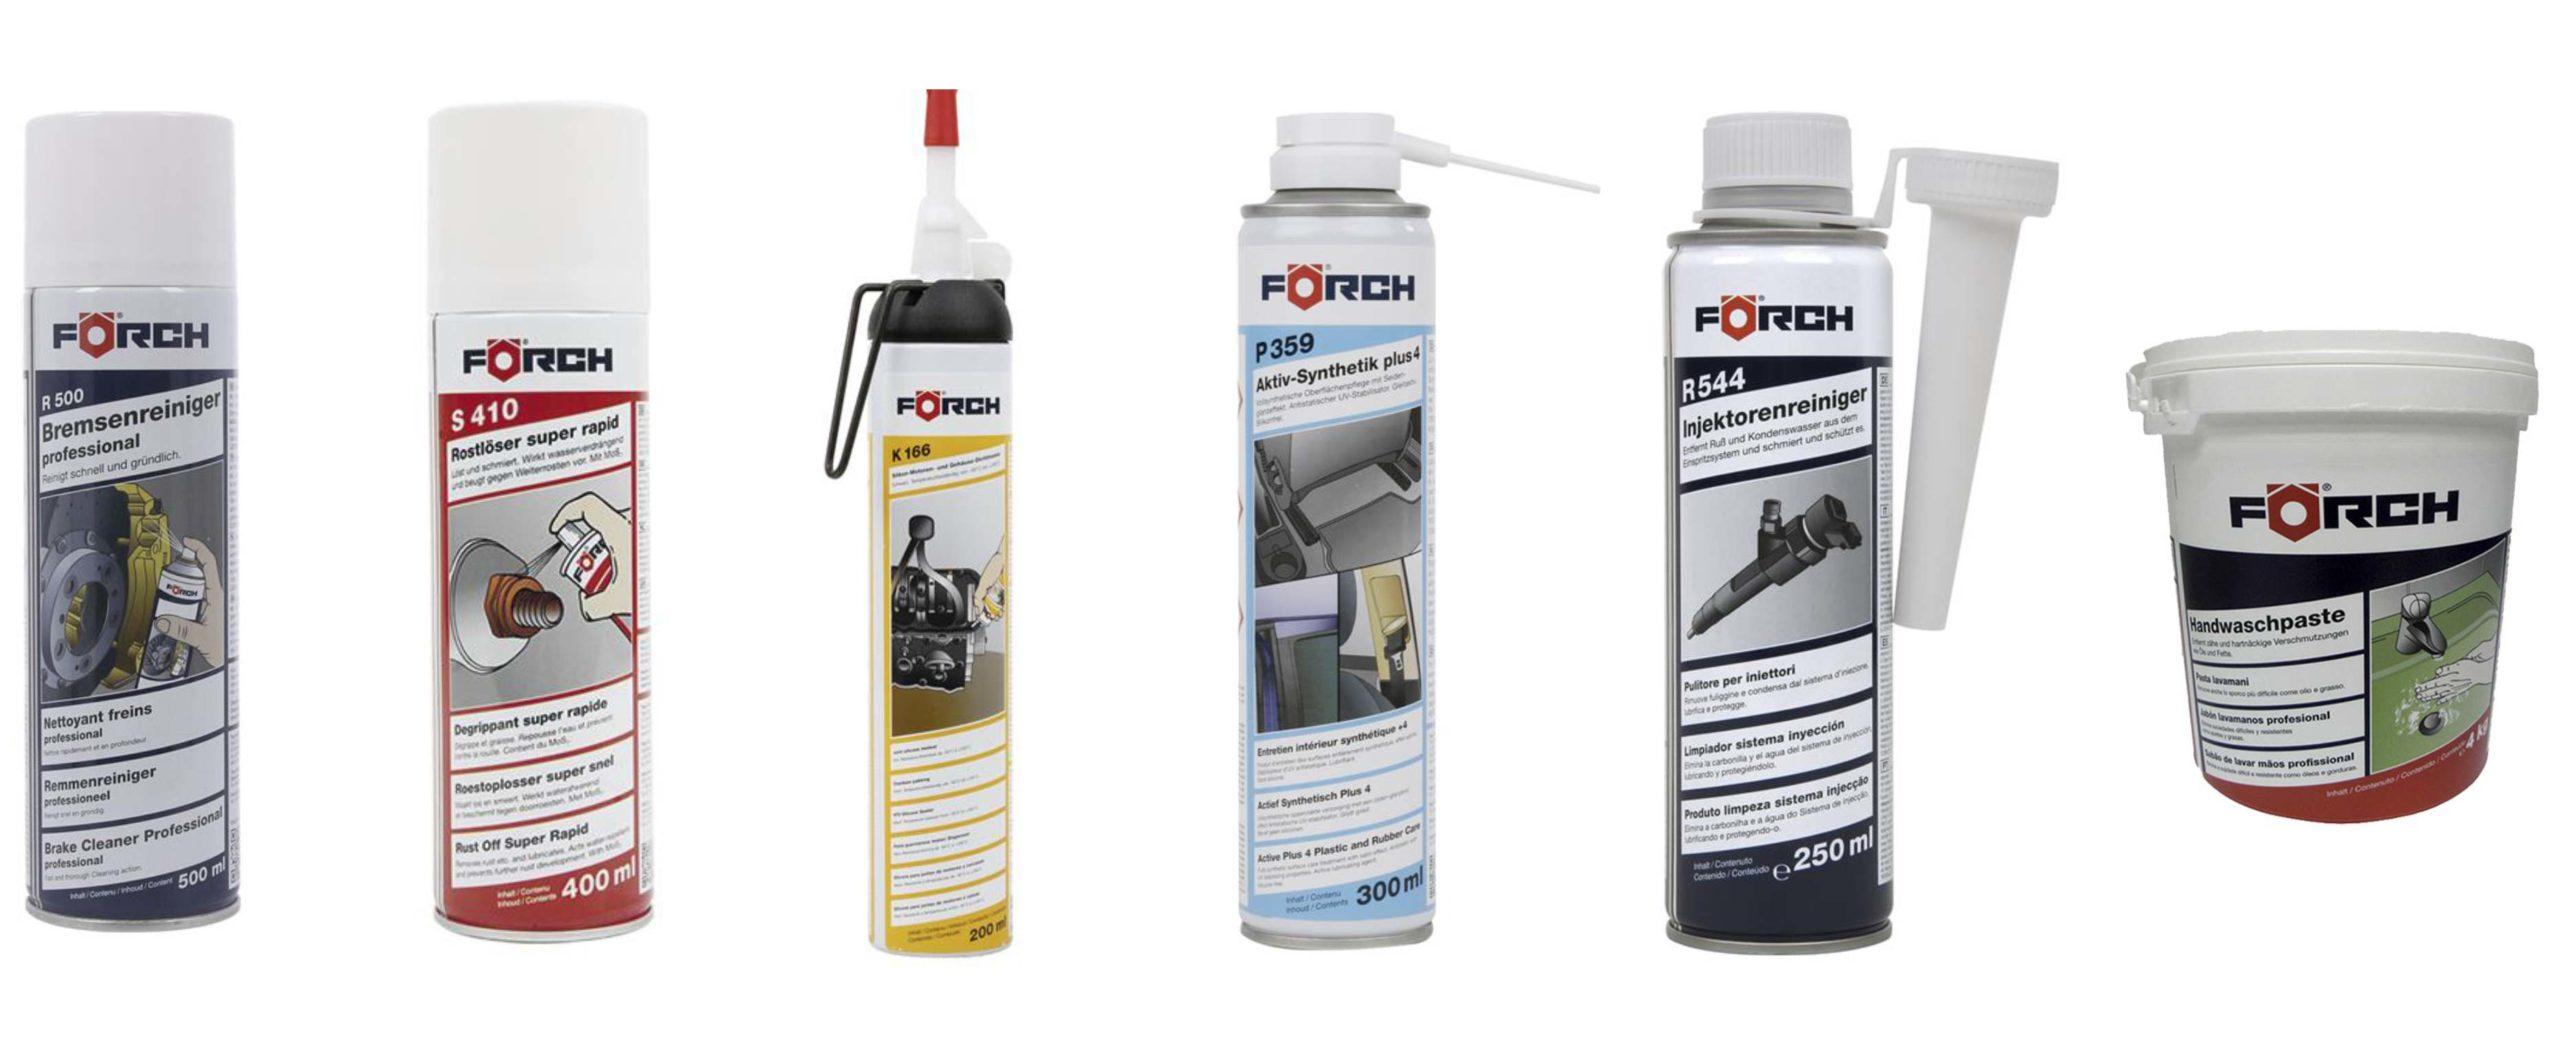 Productos de limpieza y lubricación